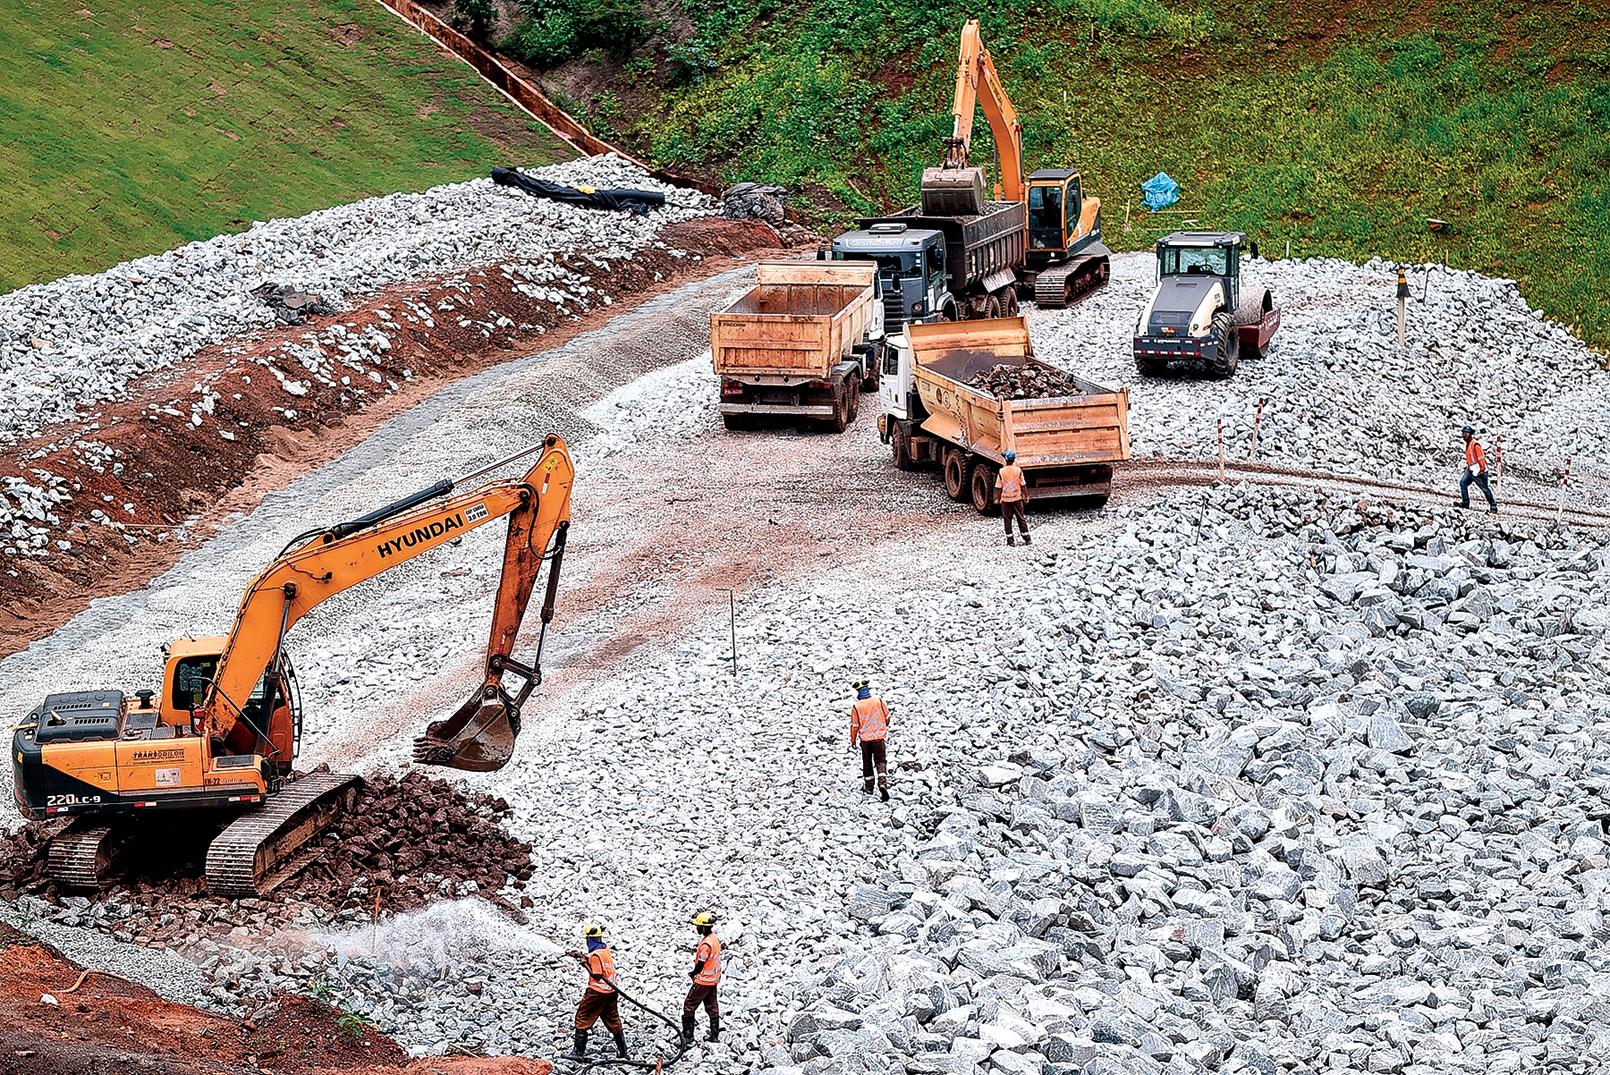 巴西的鎳礦佔據世界85%以上的儲備。中共至少五家國企擁有巴西礦業公司的部份股權。圖為巴西一處正在開採的礦山。(Getty Images)